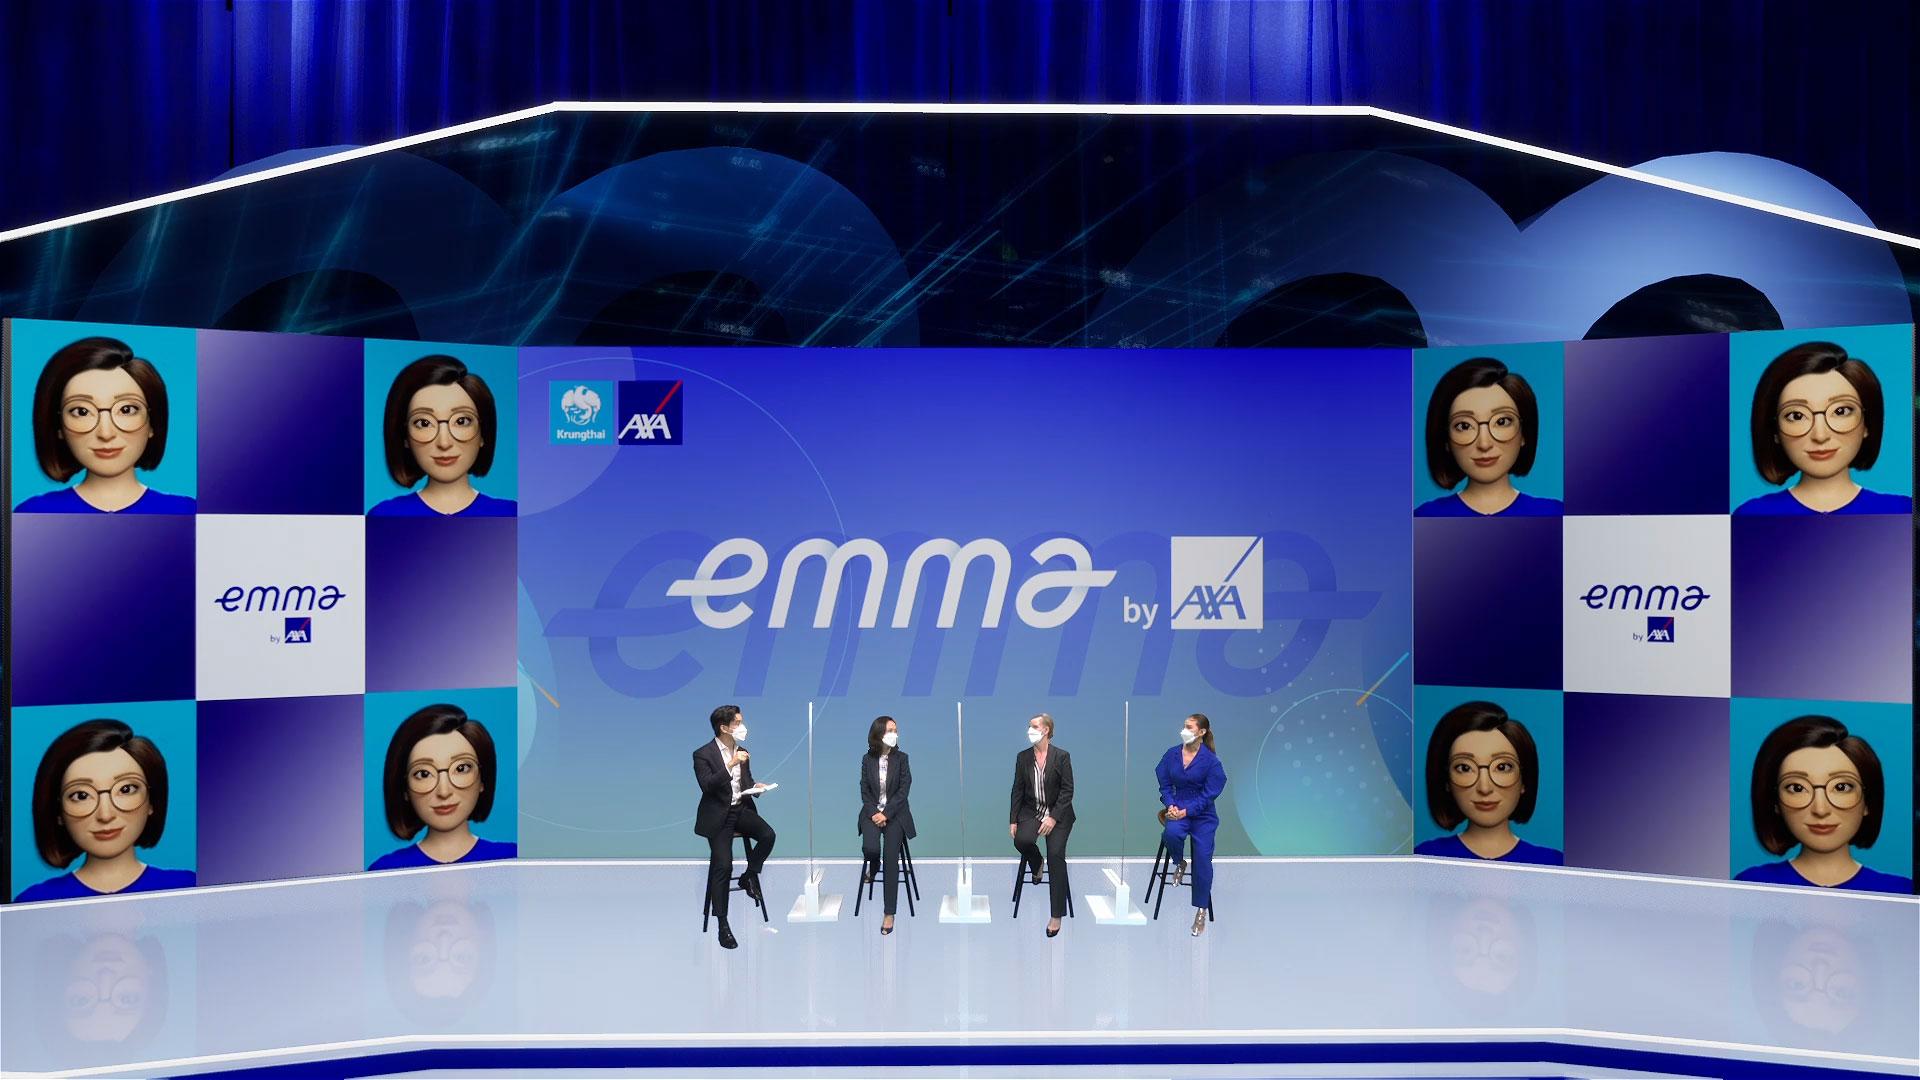 """กรุงไทยแอกซ่า เปิดตัวแอปฯ """"Emma by AXA"""" ผู้ช่วยส่วนตัวด้านสุขภาพ – การเงิน"""